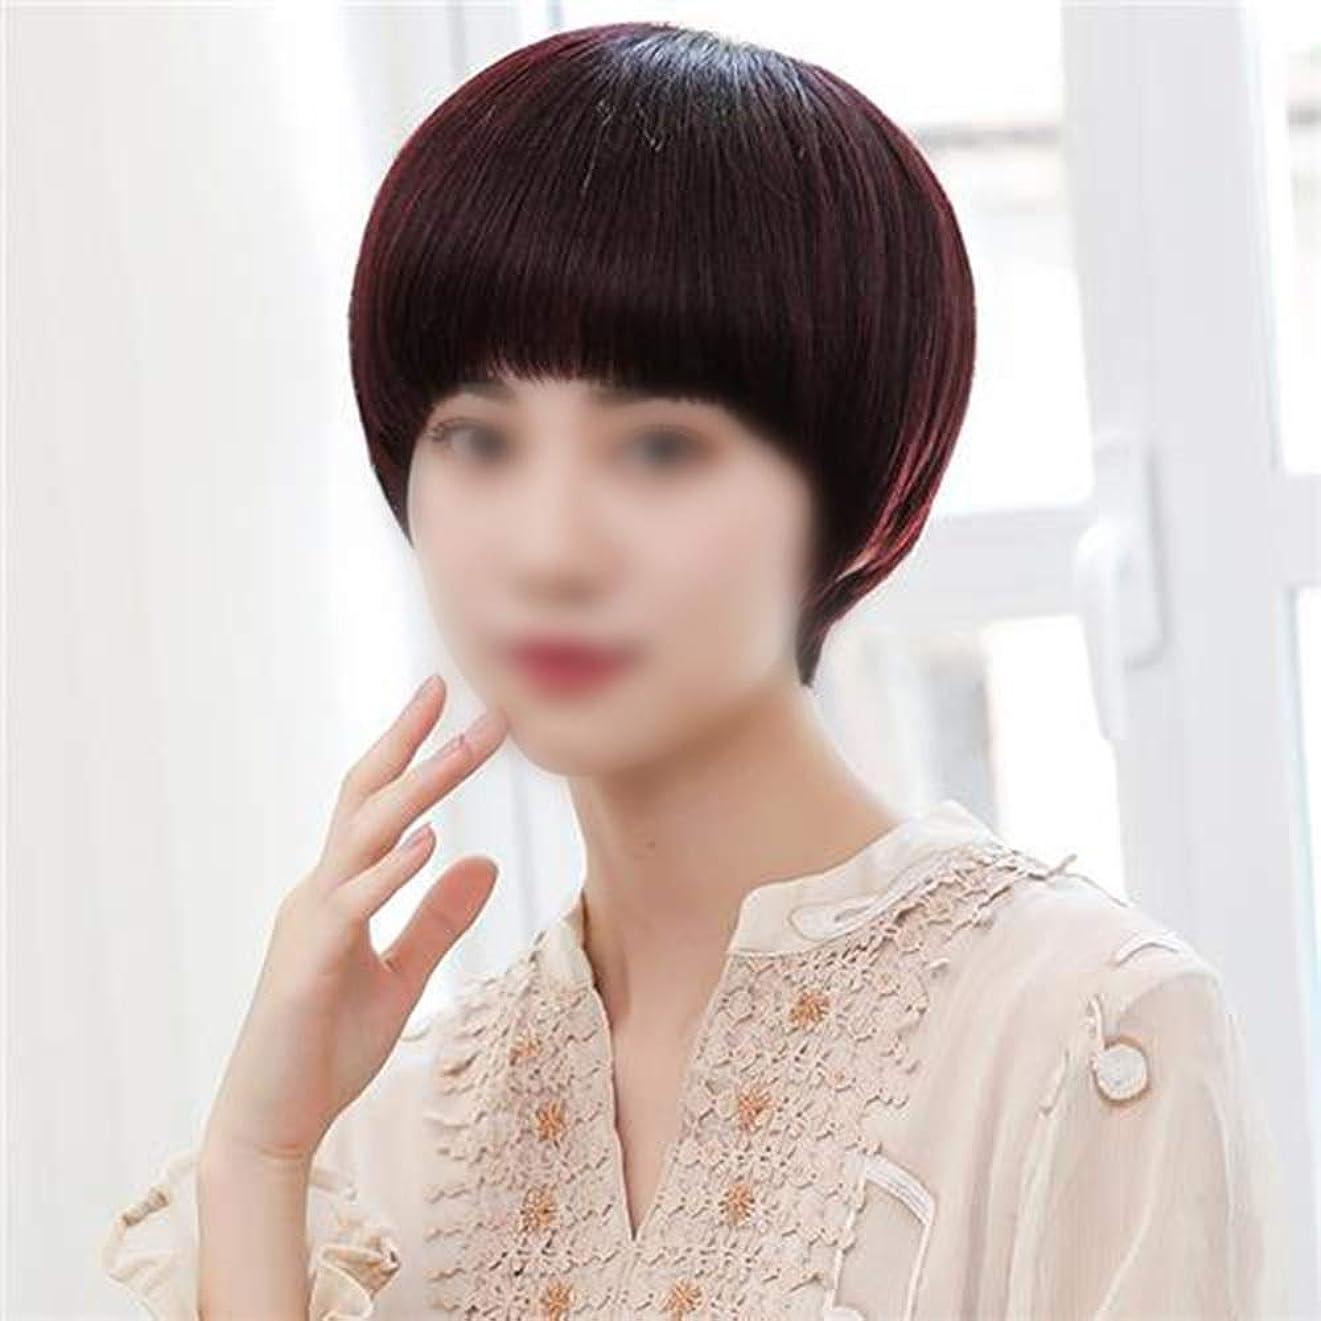 連合追跡インポートYAHONGOE リアルヘア手編みボブショートストレートヘア前髪ふわふわハンサムウィッグ女性のための毎日のドレスファッションかつら (色 : Natural black)